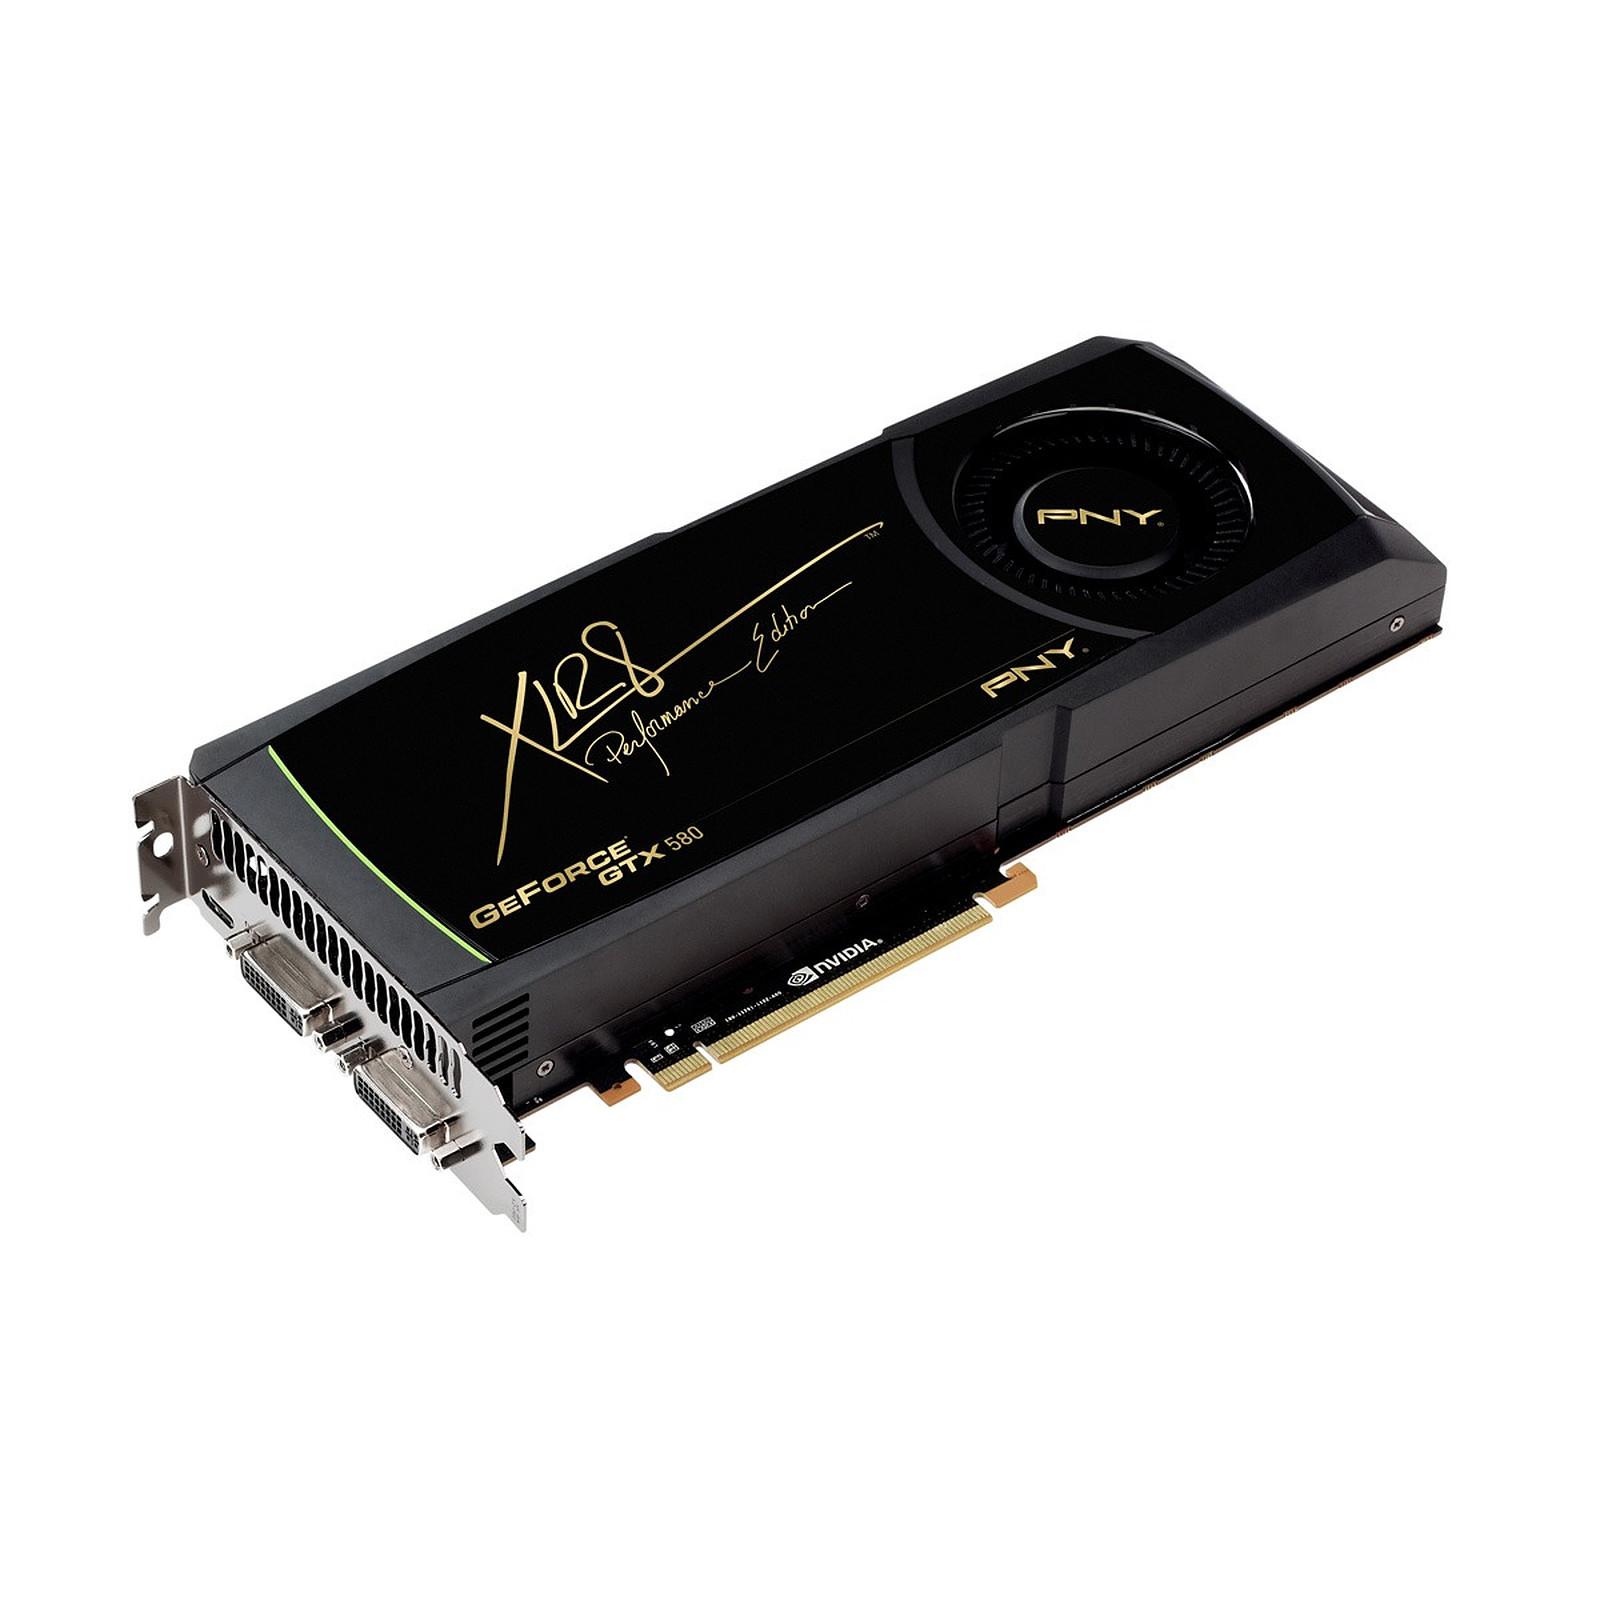 PNY GeForce GTX 580 1536 MB